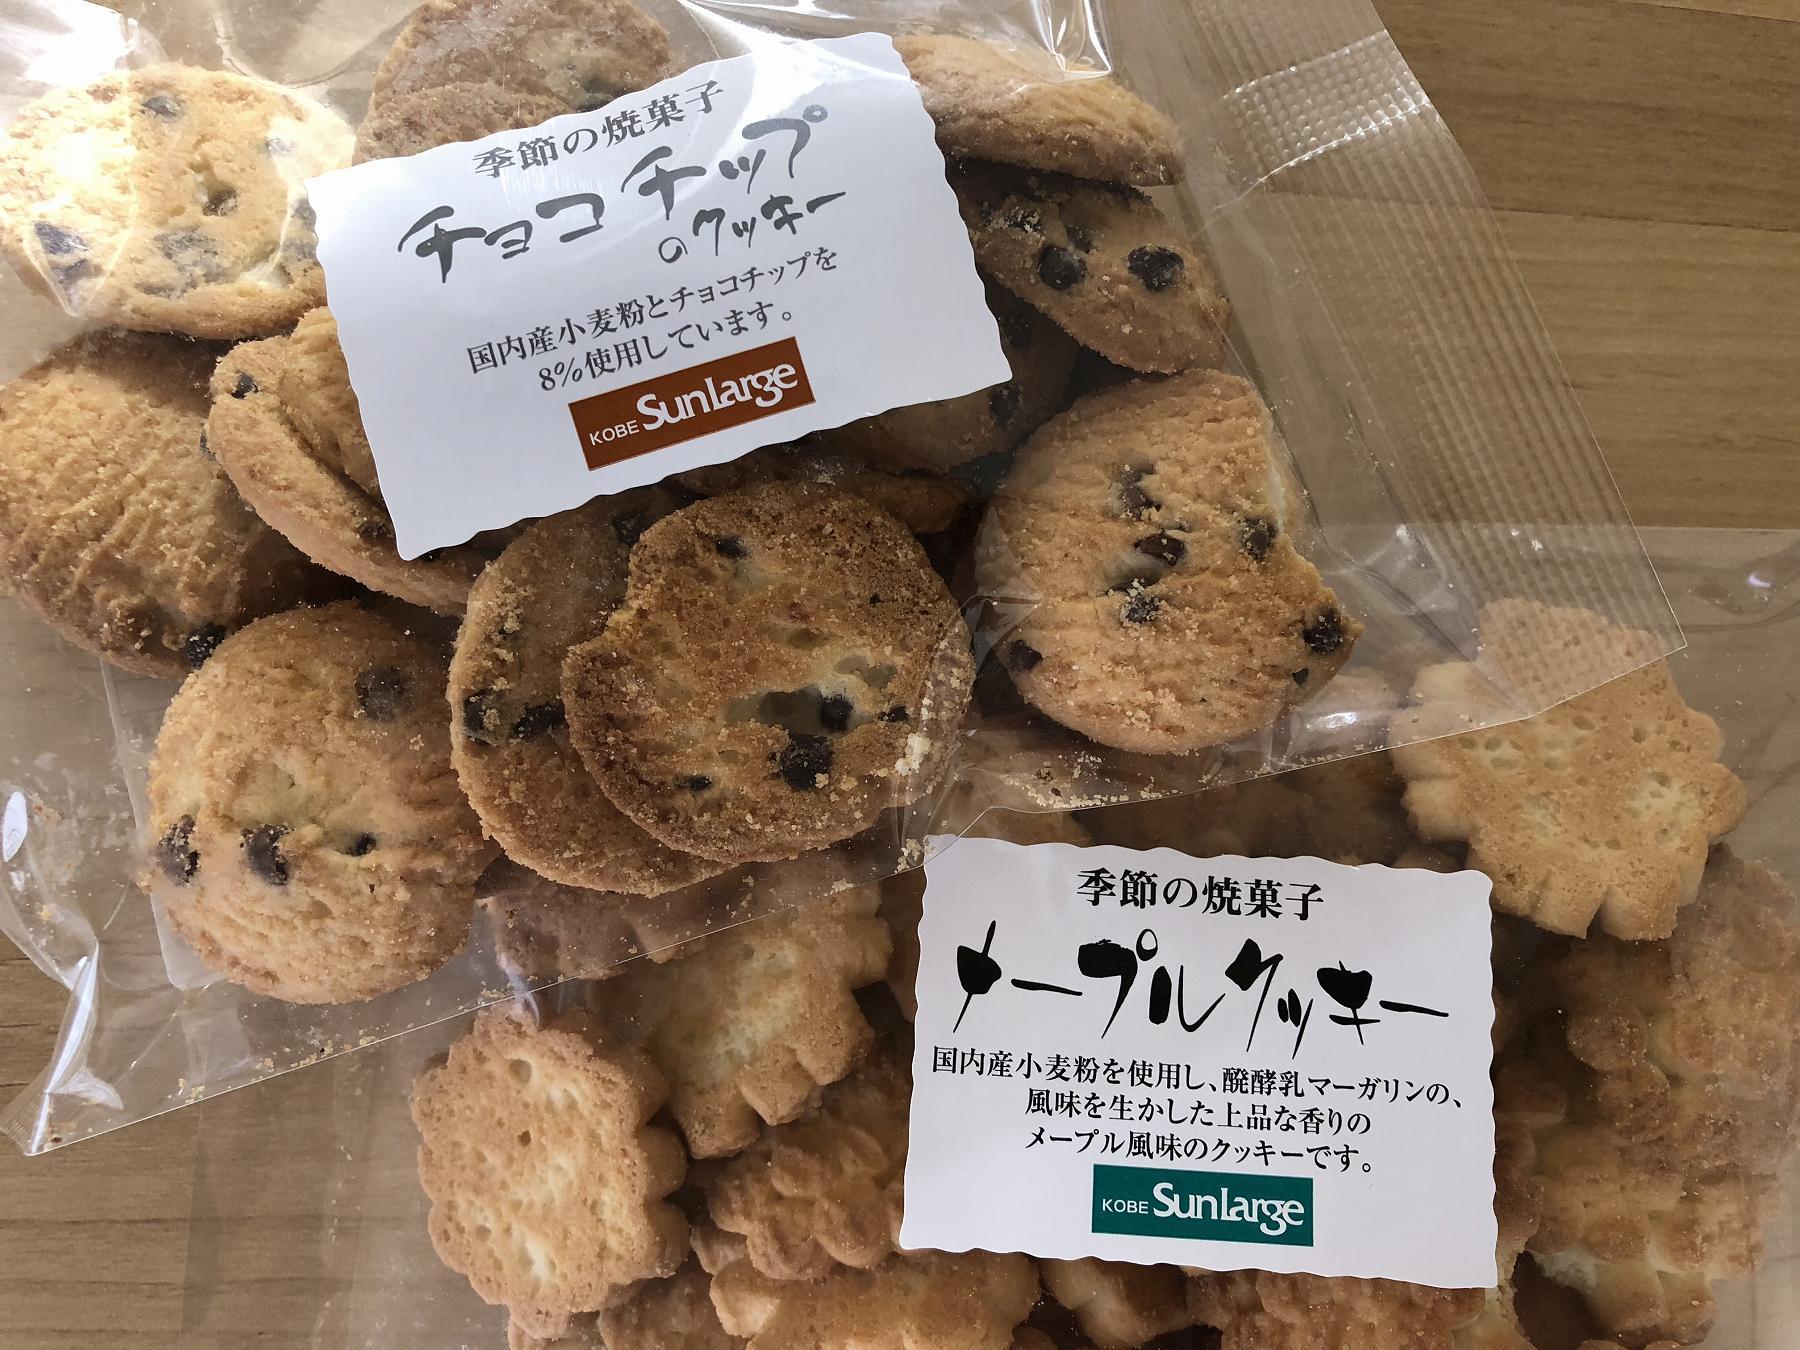 「神戸のクッキー」や「神戸のパイ」で有名な「昭栄堂製菓」さんのクッキーを食べてみた! #昭栄堂製菓 #神戸のクッキー #神戸のパイ